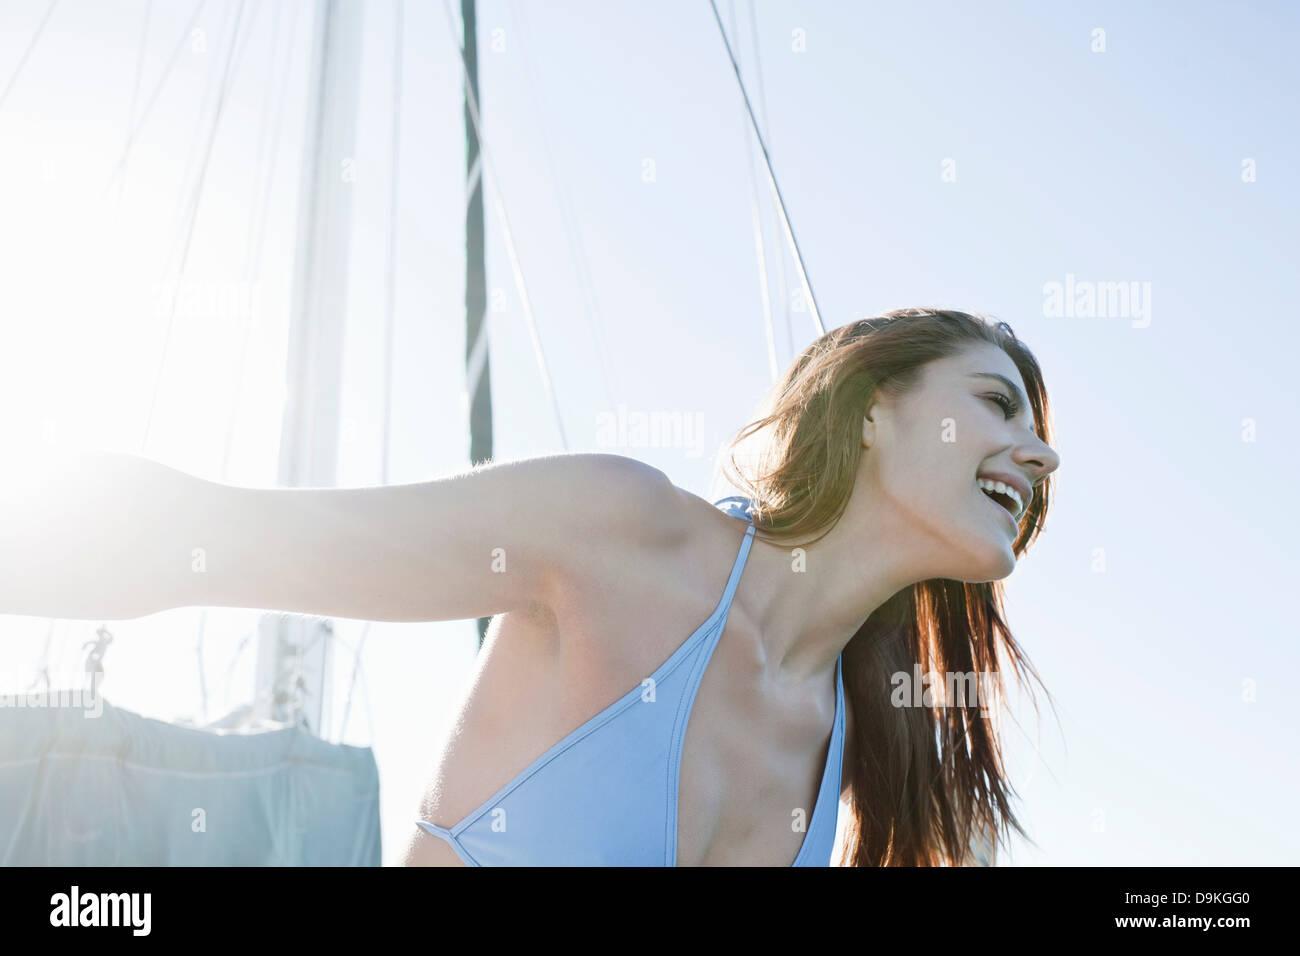 Bruna giovane donna su yacht, ridendo Immagini Stock